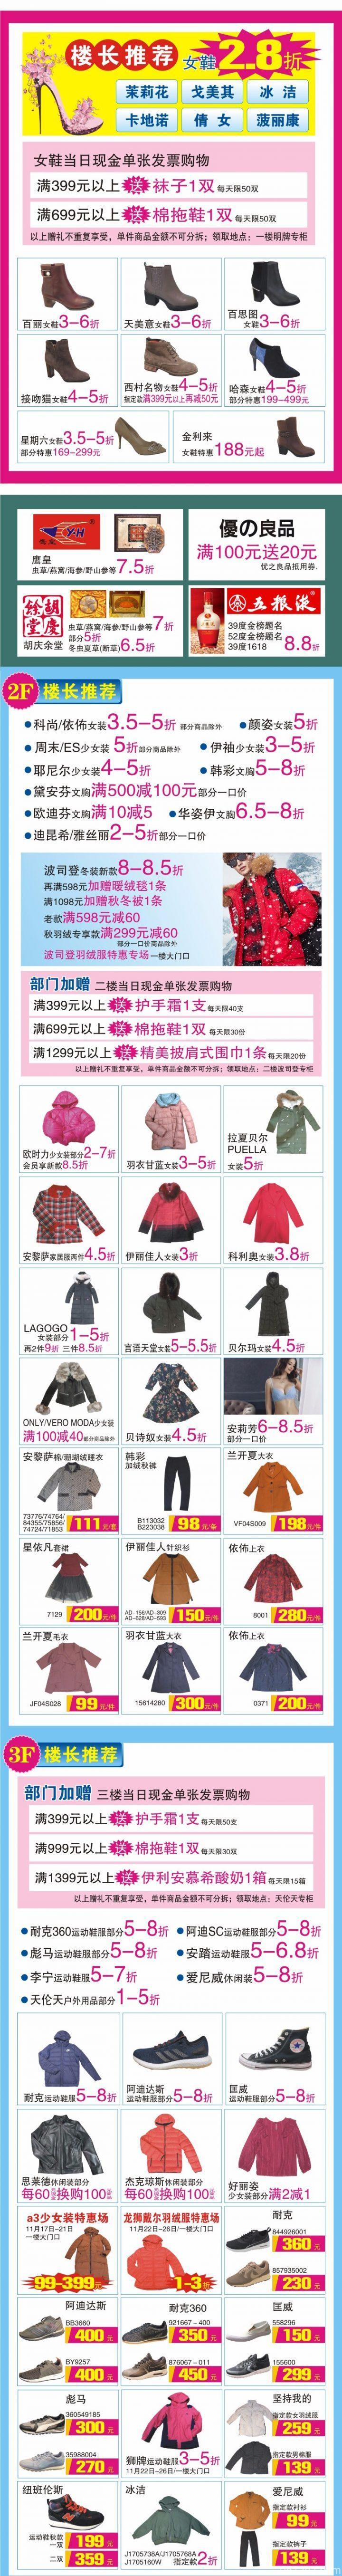 昆山商厦北门店9周年庆嗨购攻略